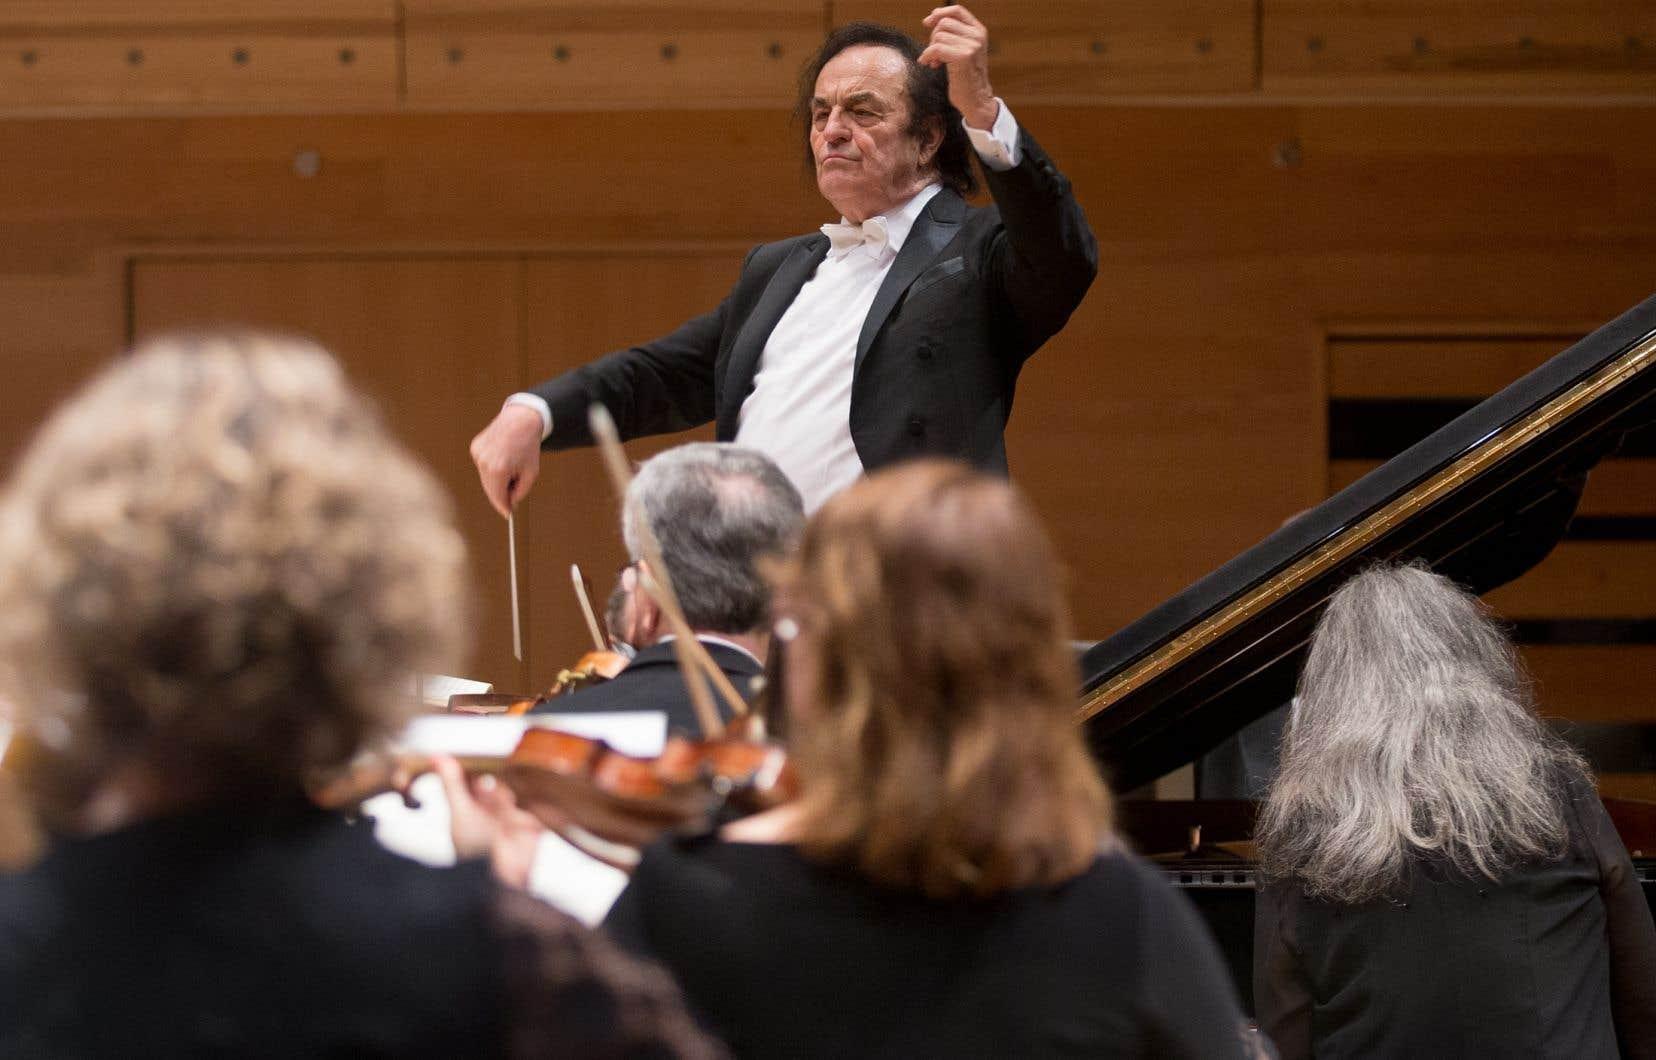 Le chef d'orchestre Charles Dutoit avait renoué avec l'OSM en 2016 à l'occasion de deux concerts.